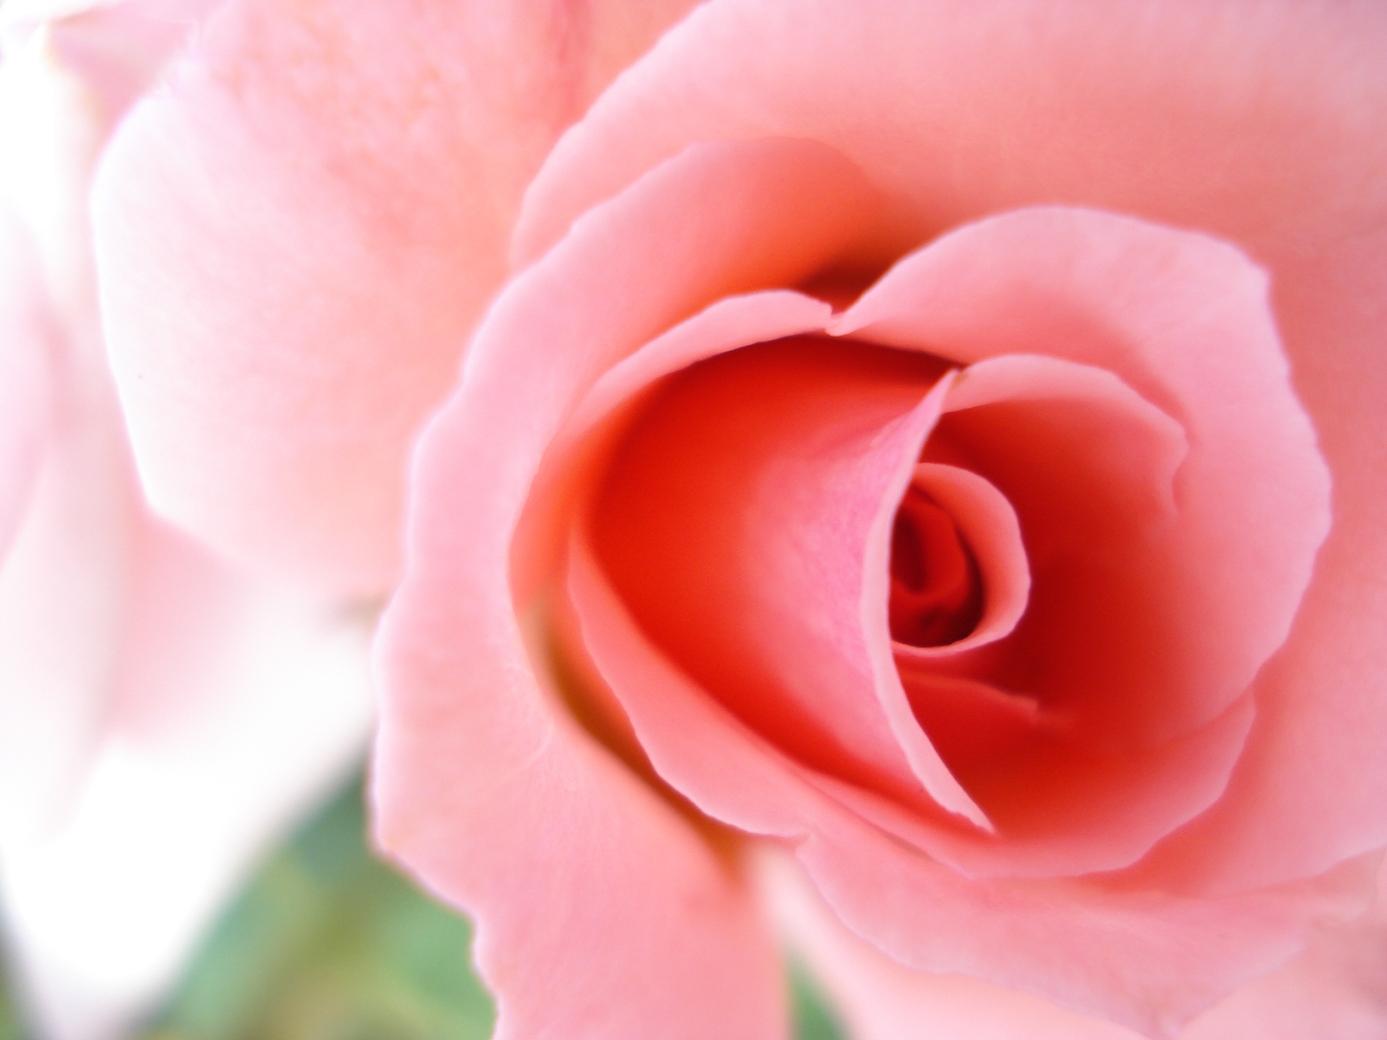 ローズの香りには精神な安らぎをもたらすだけでなく、 肉体的な緊張の緩和や癒しなどのリラックス効果があります。